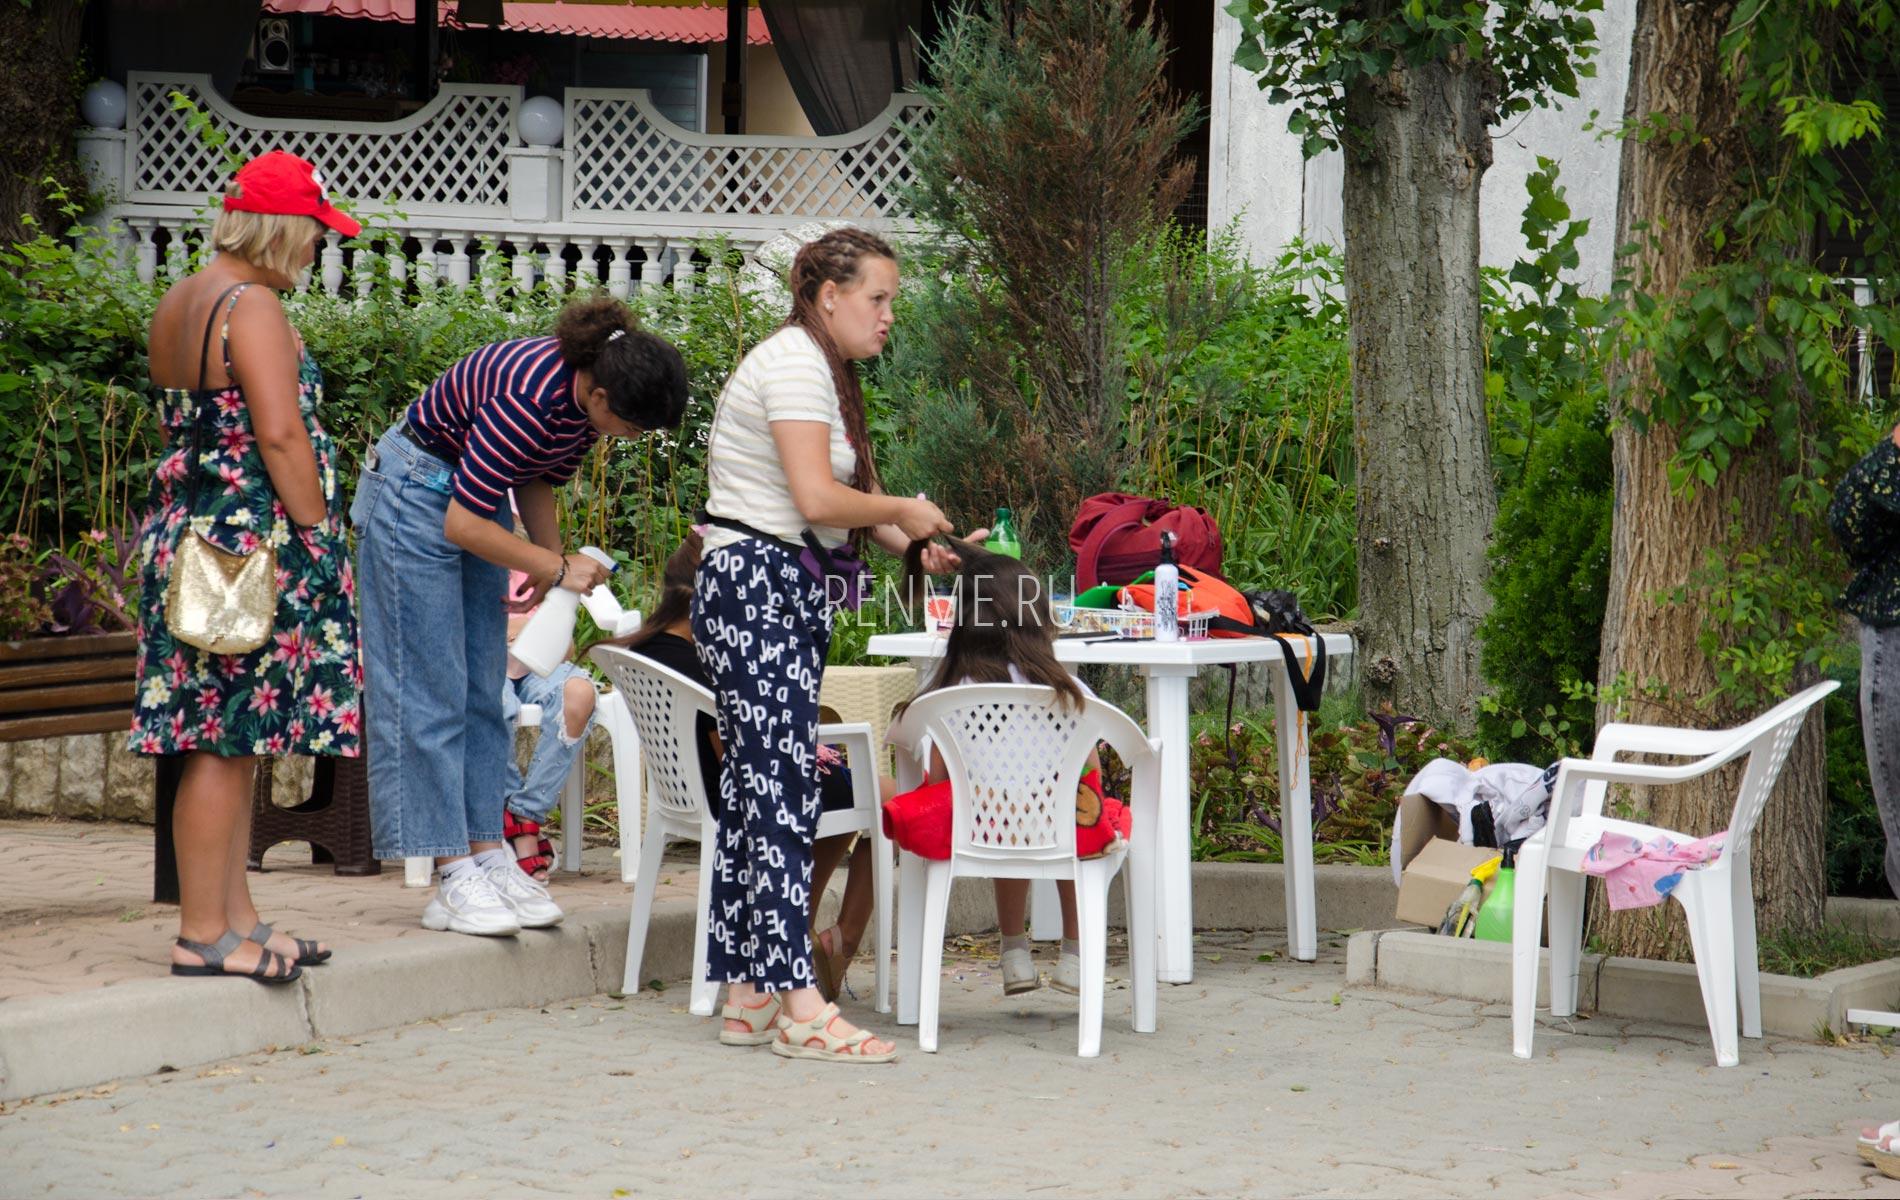 Плетение косичек на набережной. Фото Евпатории